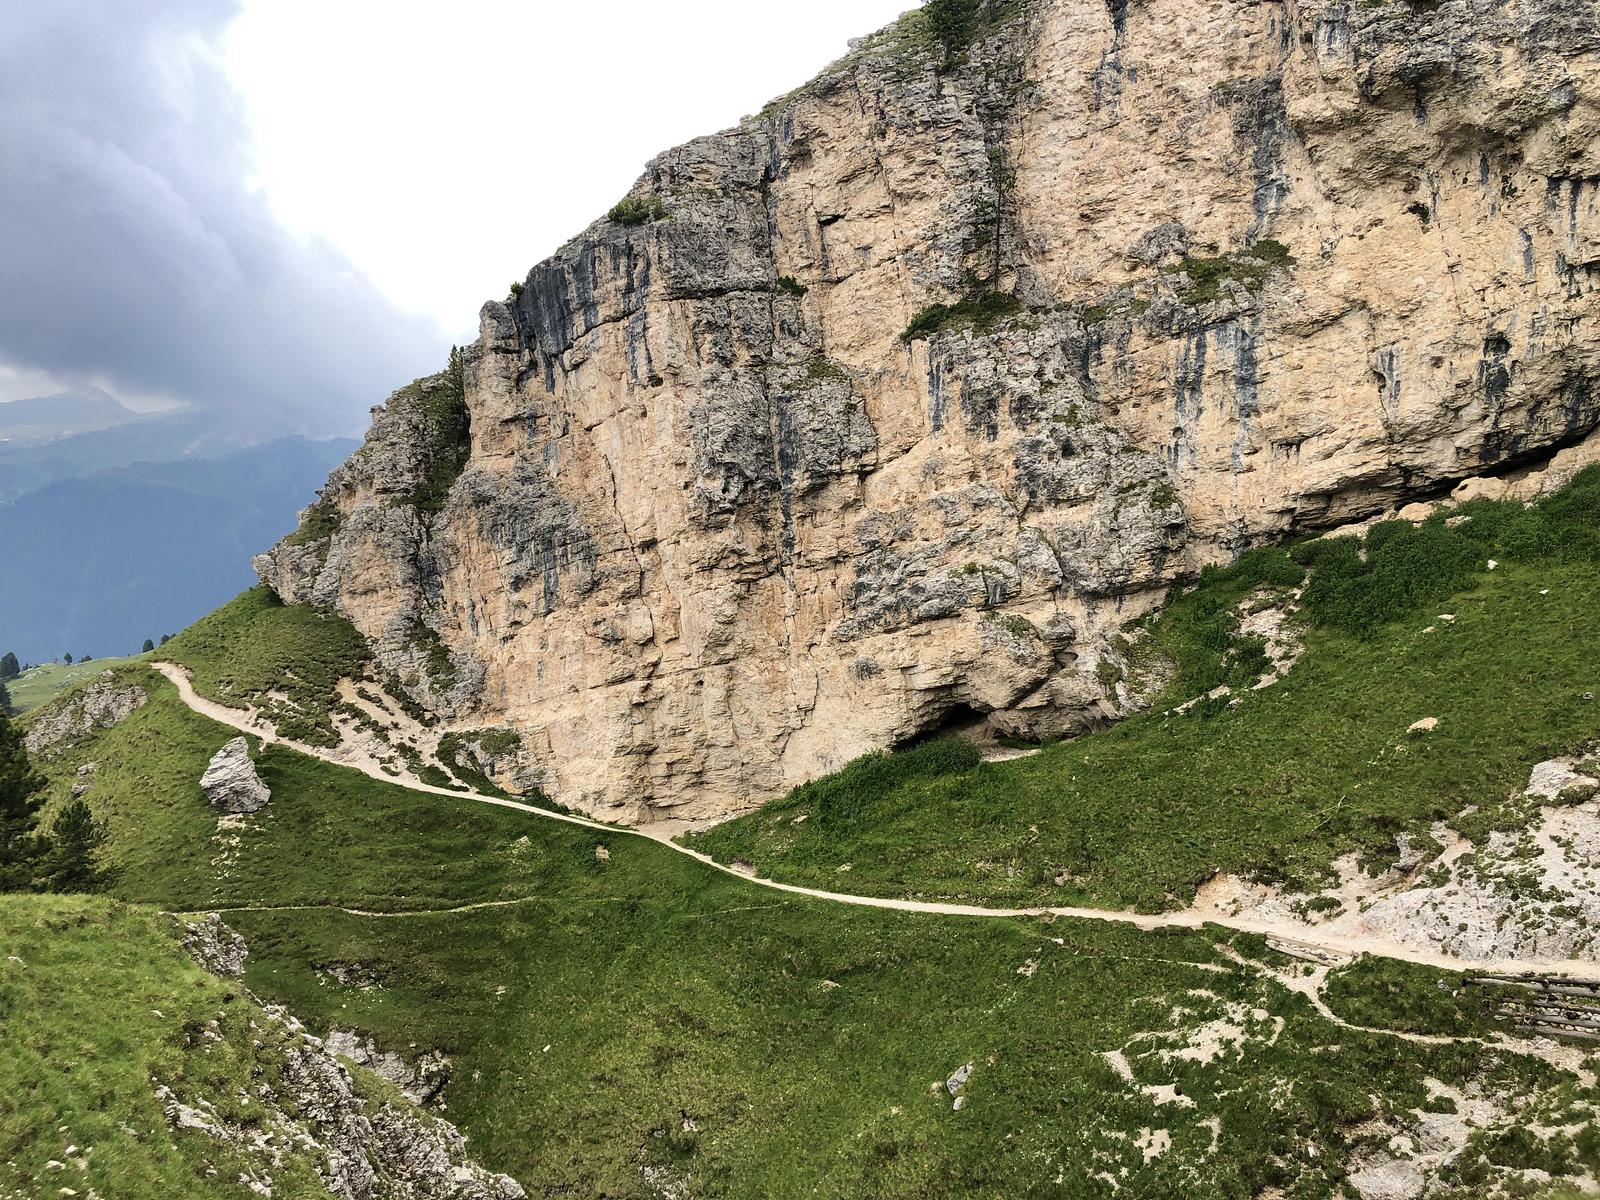 Ribbon of trail